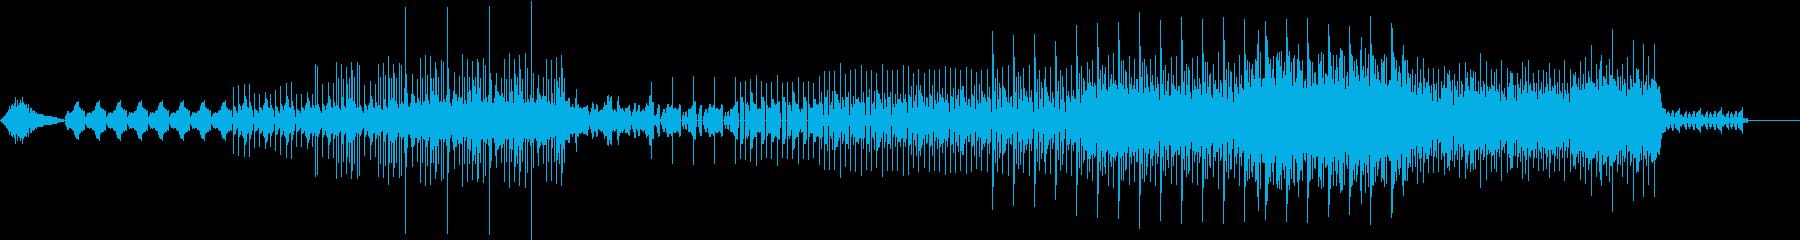 サイバー・スペースをイメージしたテクノの再生済みの波形